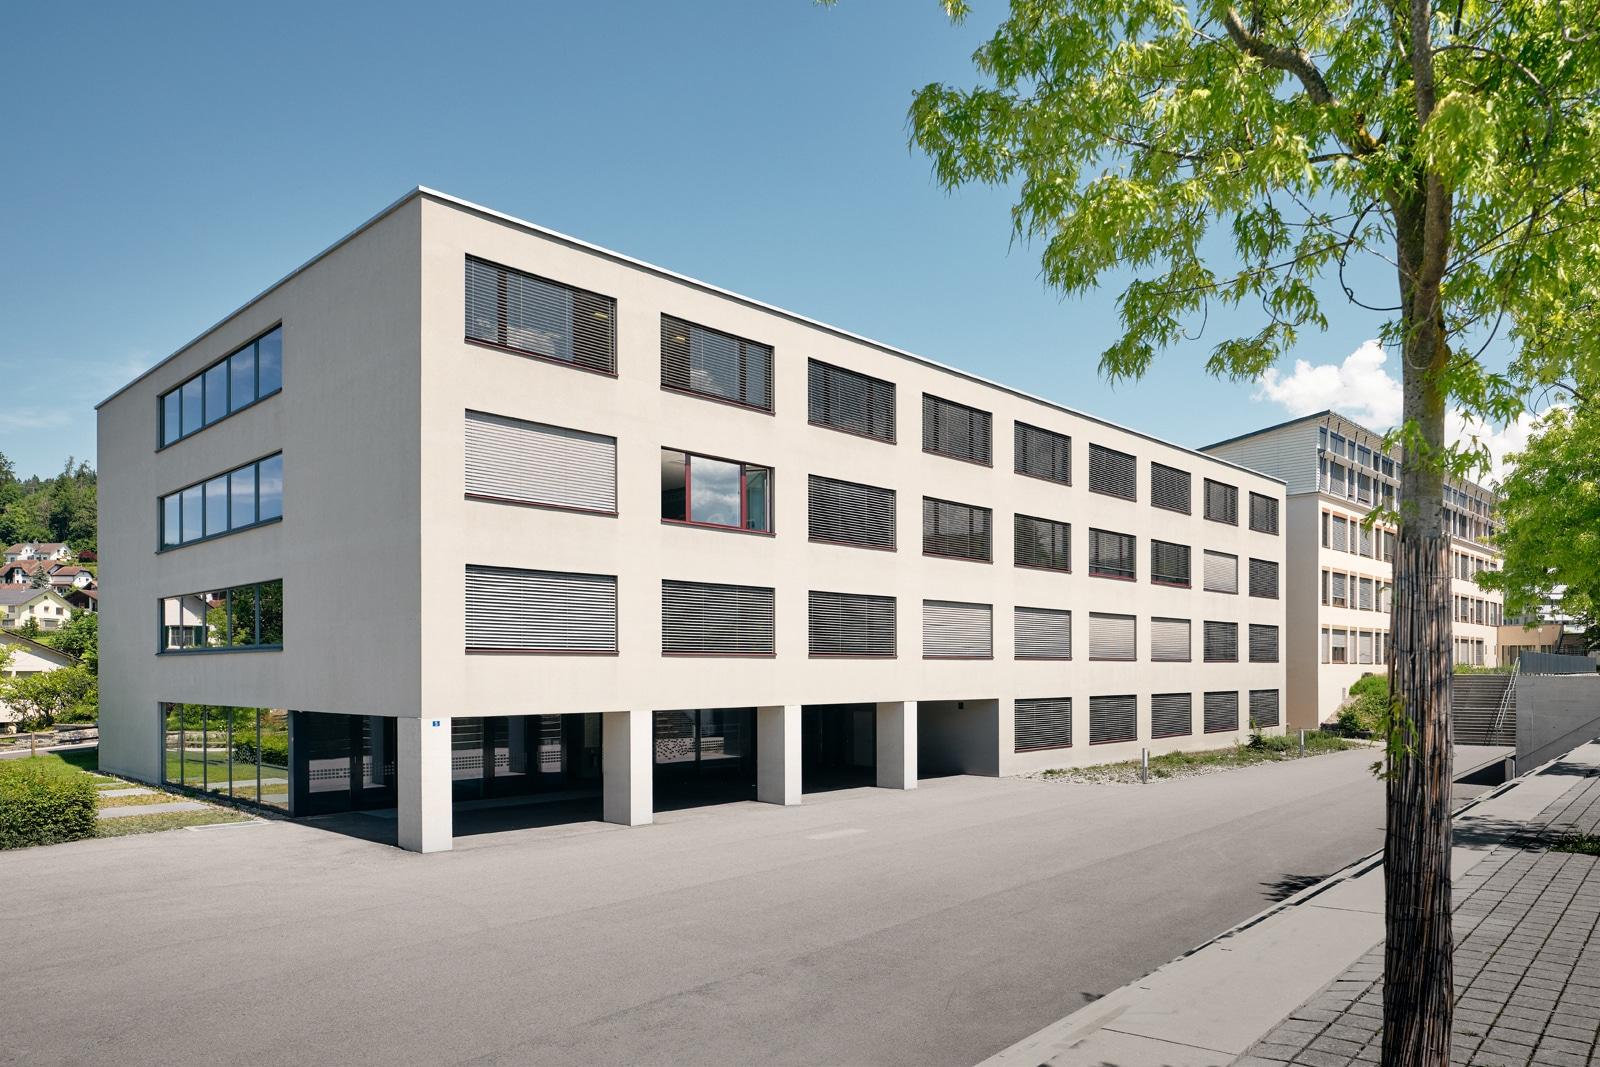 Uznach Dorf - Schulhaus Haslen